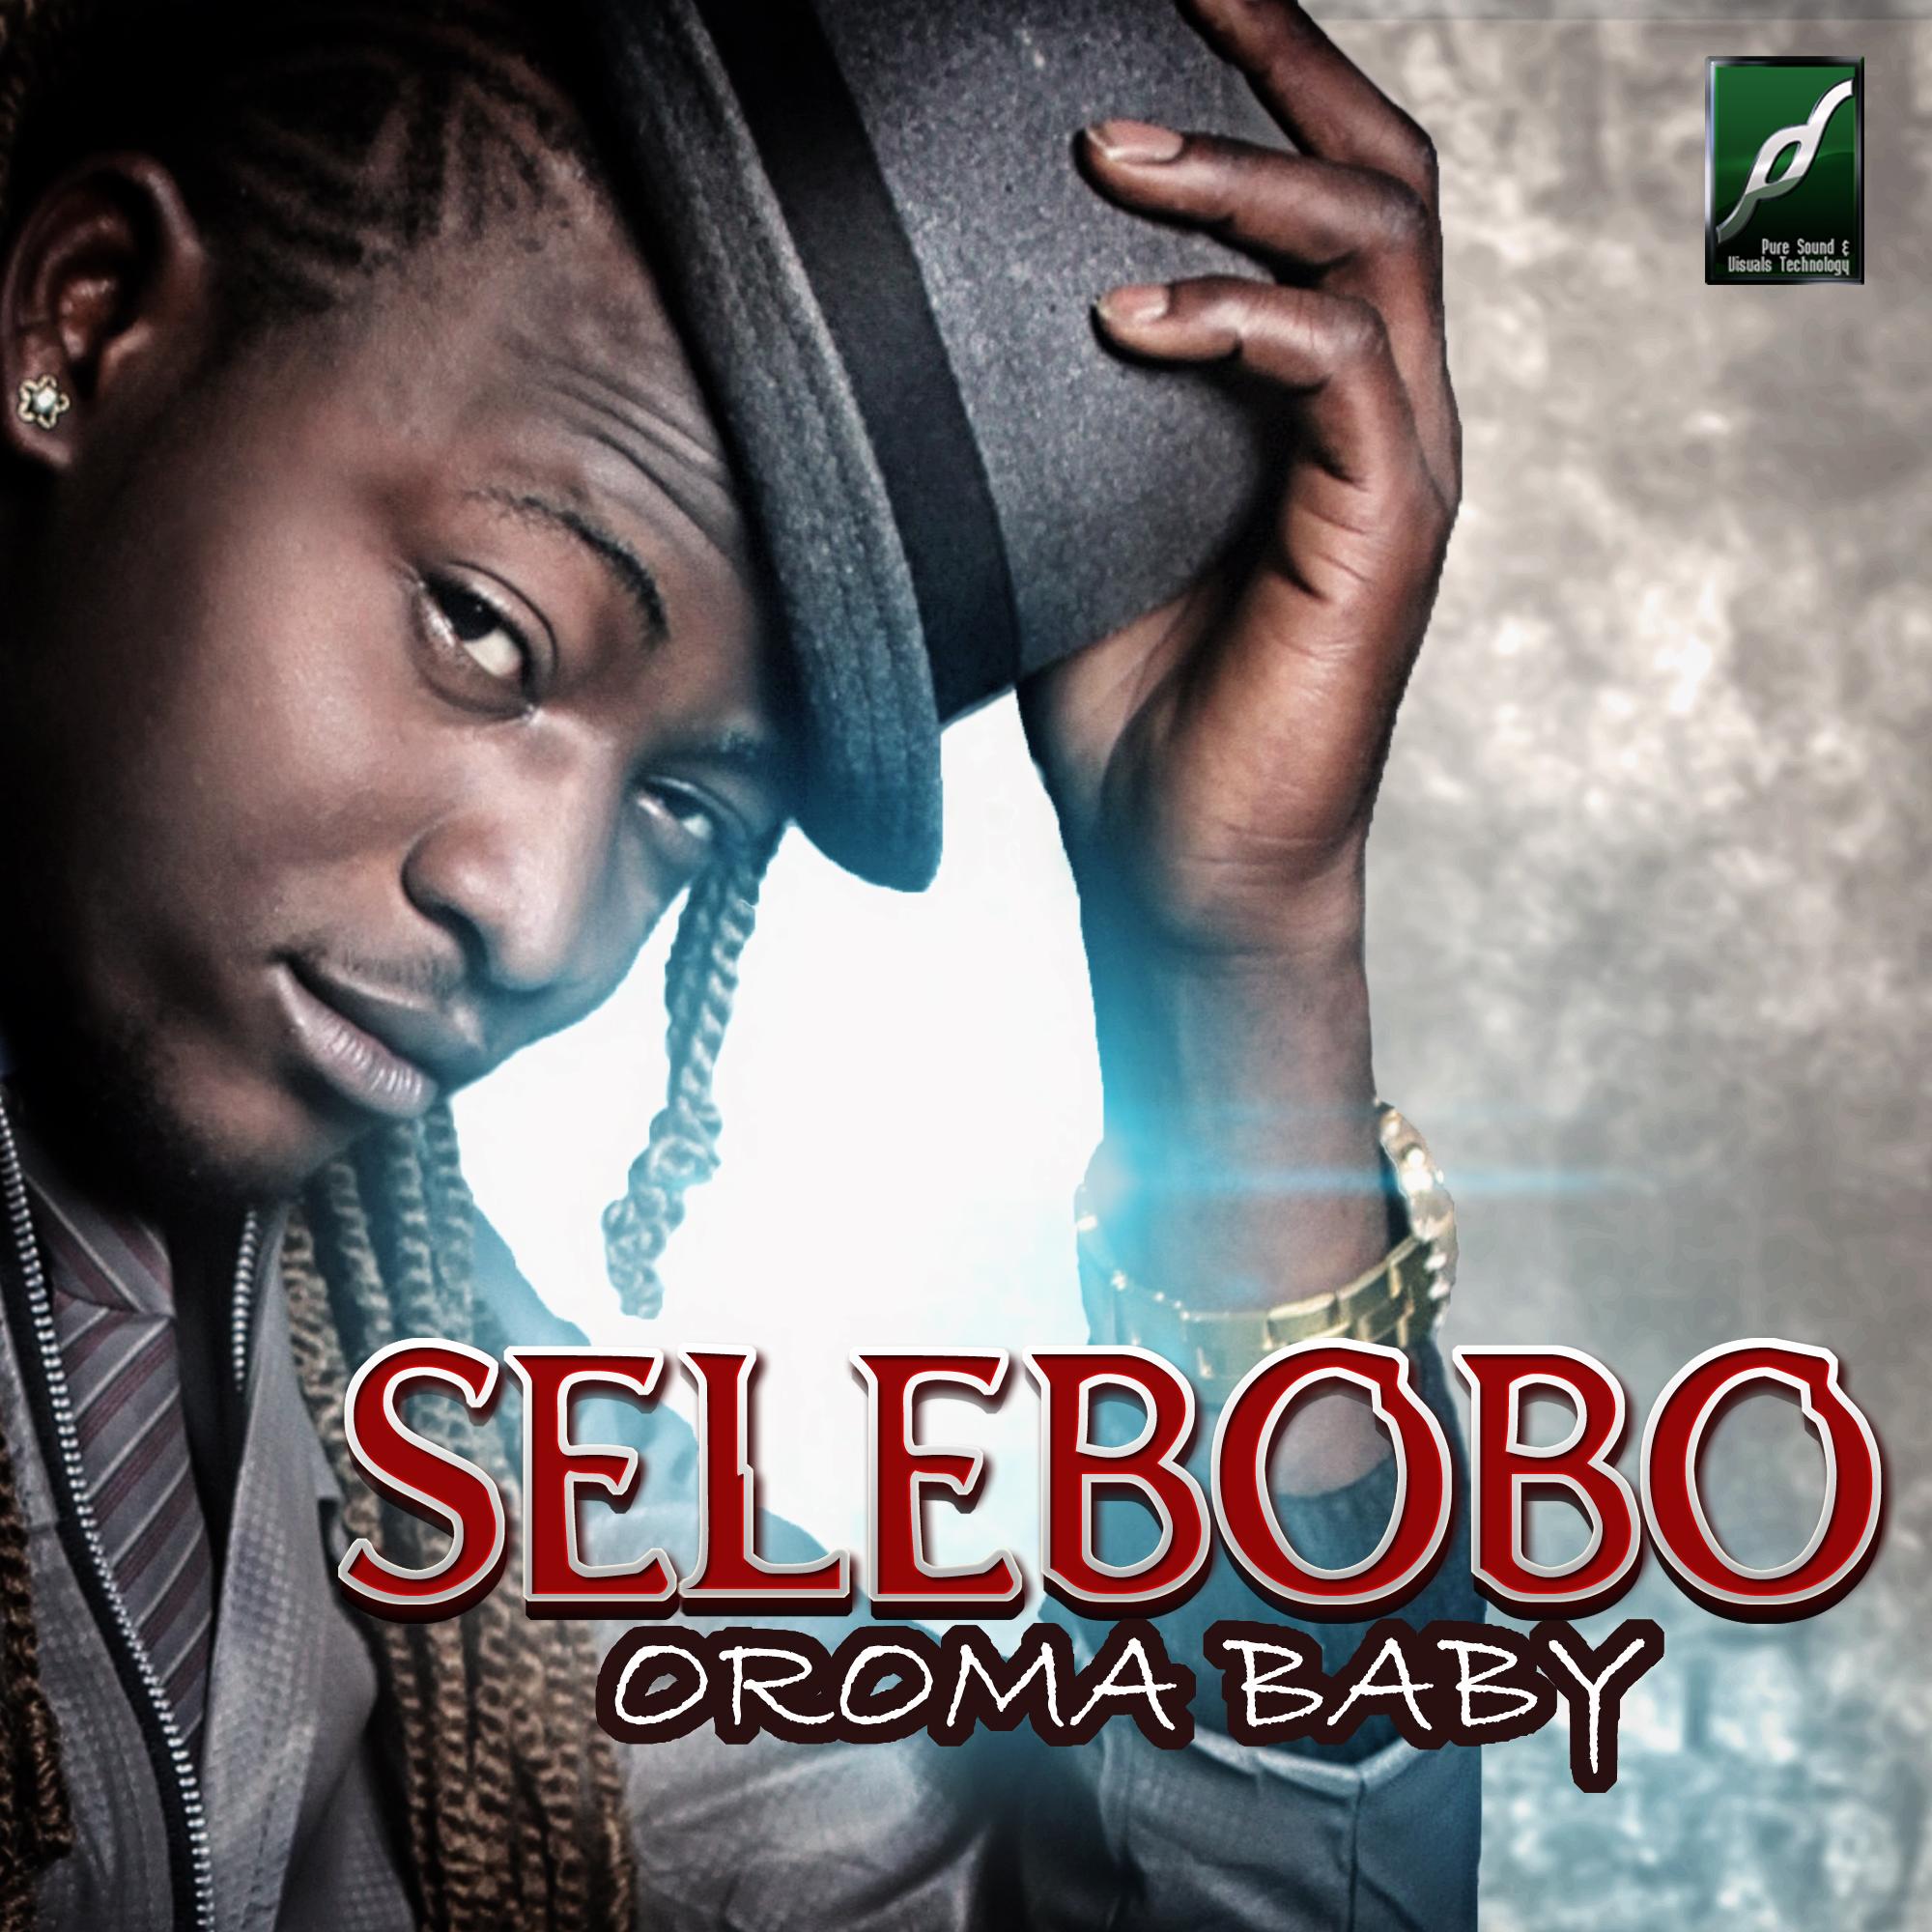 Selebobo Oroma copy